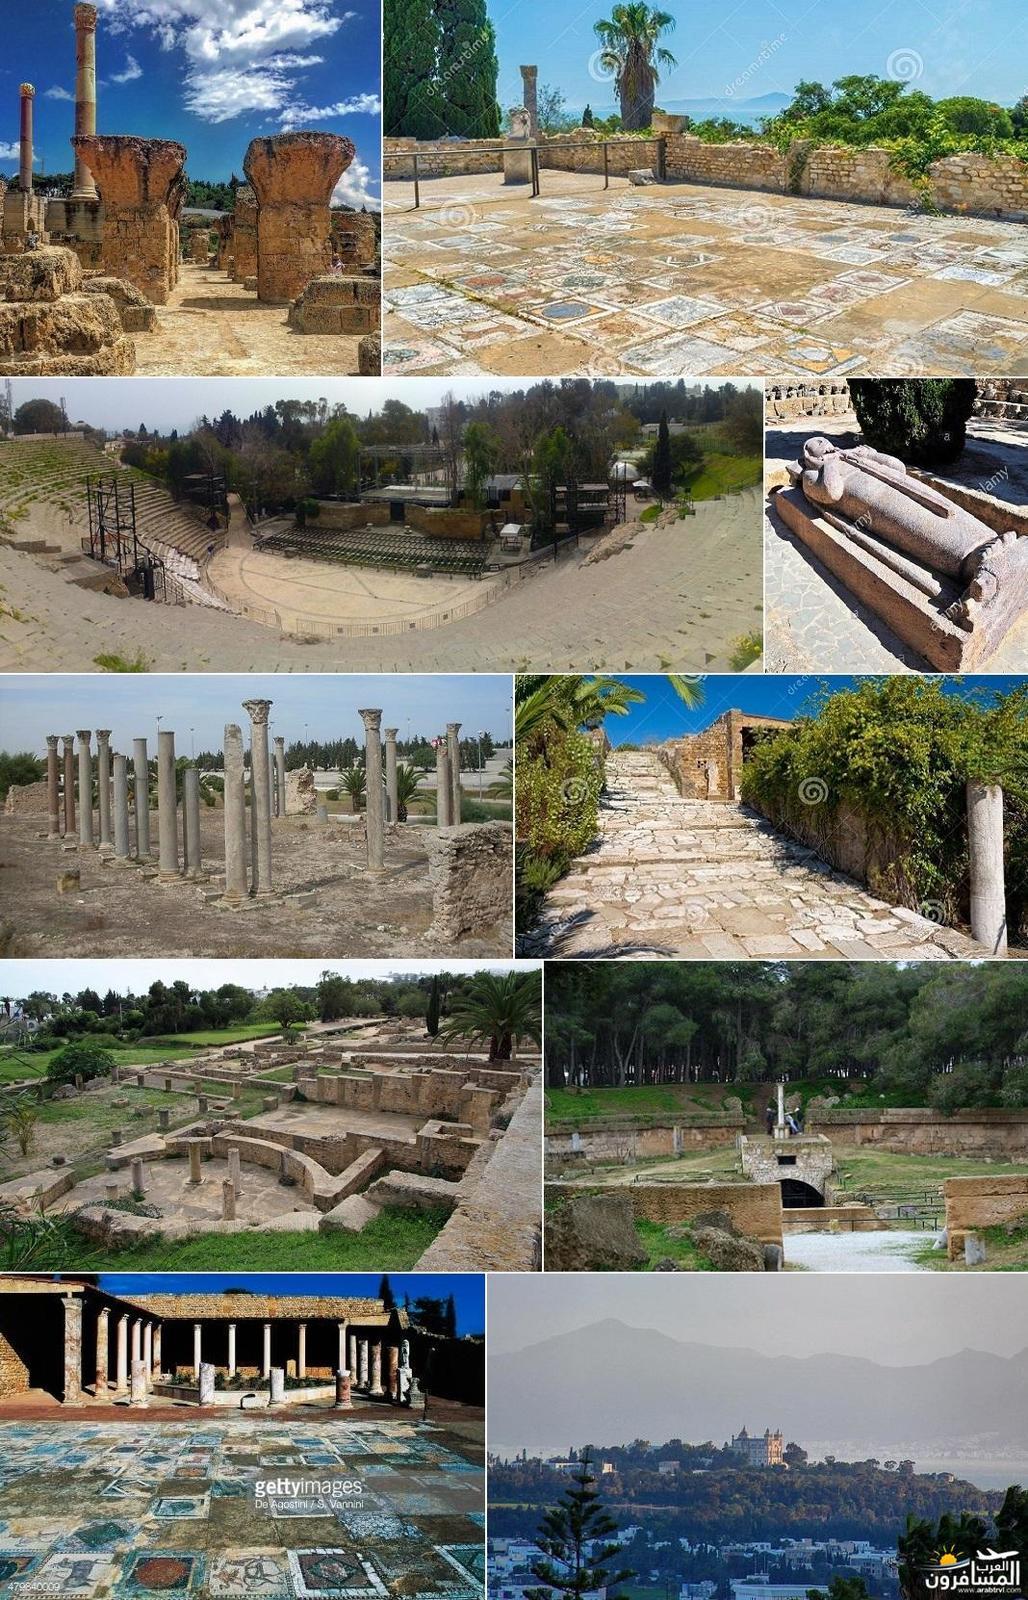 641808 المسافرون العرب خدمات سياحية متطورة في تونس